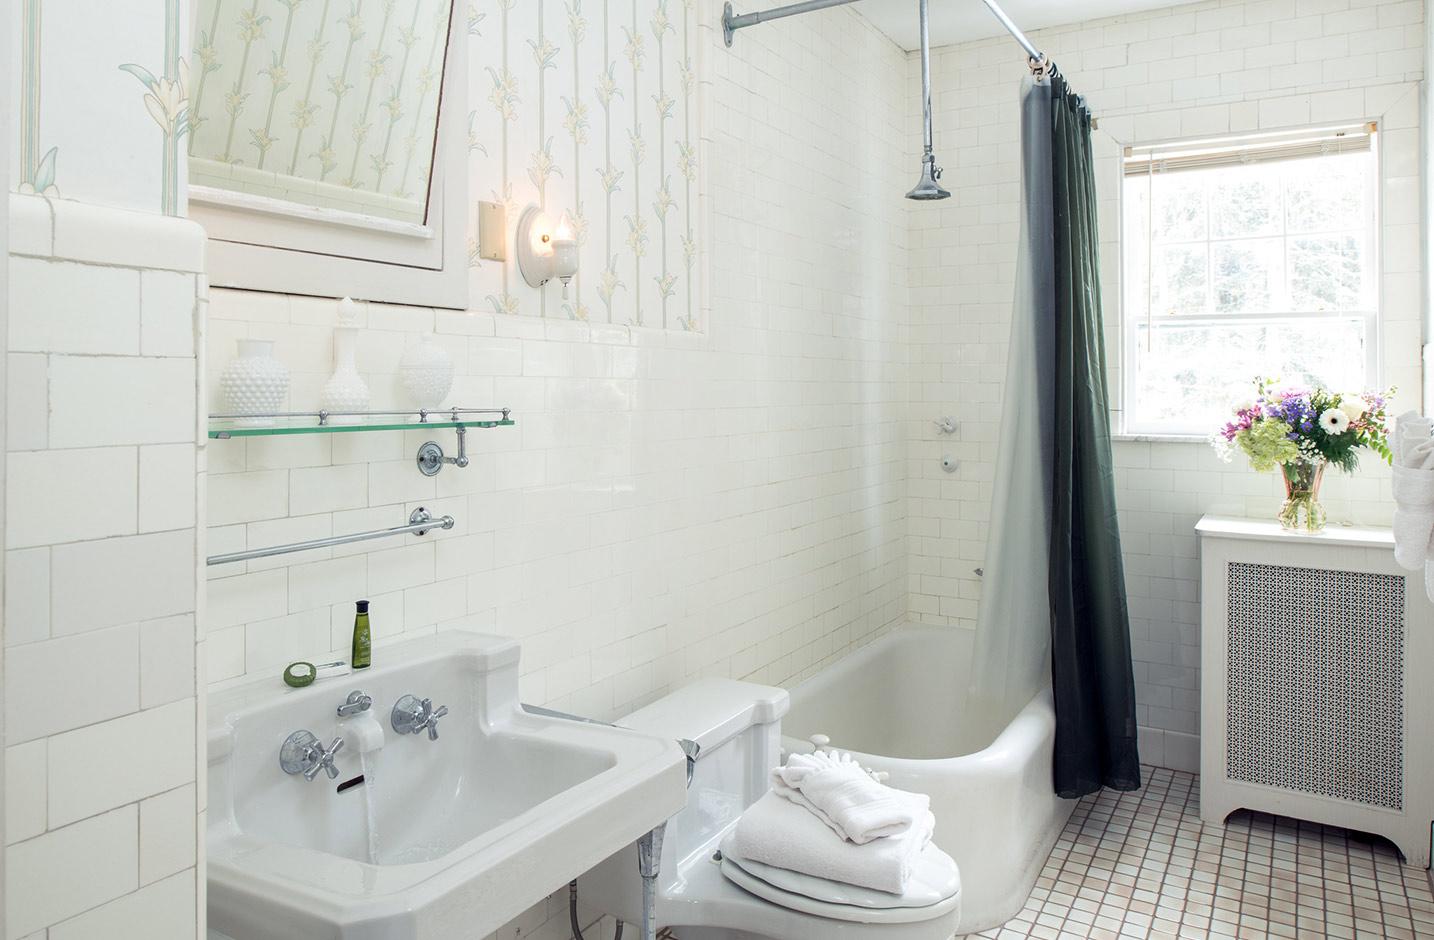 Seneca Lake B&B - Room 7 bathroom